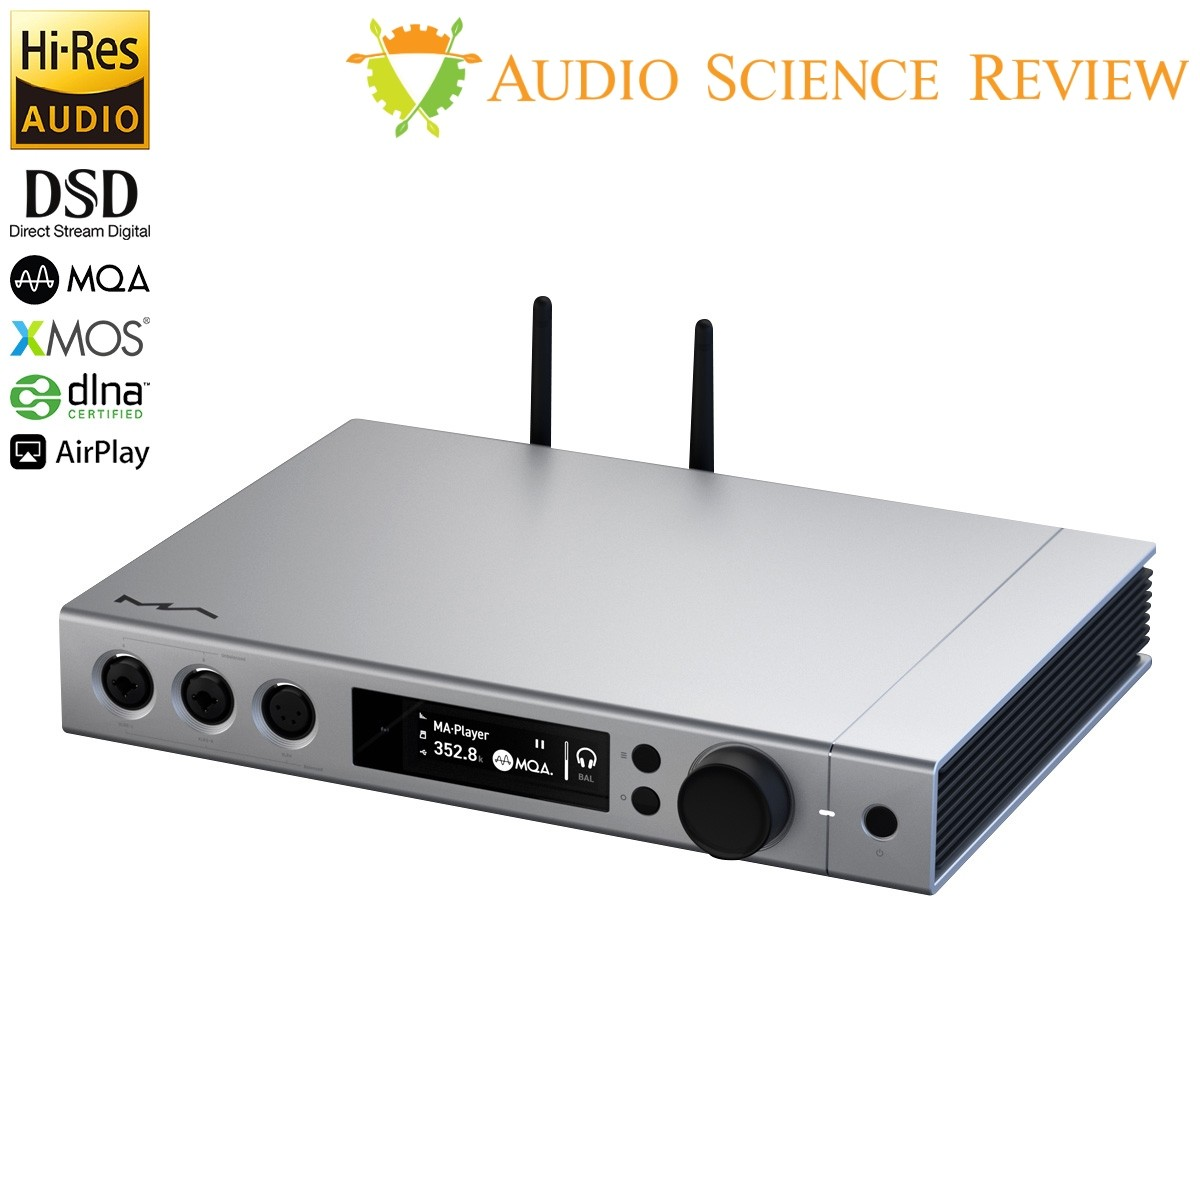 MATRIX ELEMENT X Lecteur Réseau DAC ES9038PRO XMOS WiFi Femtoclock 32bit 768kHz DSD1024